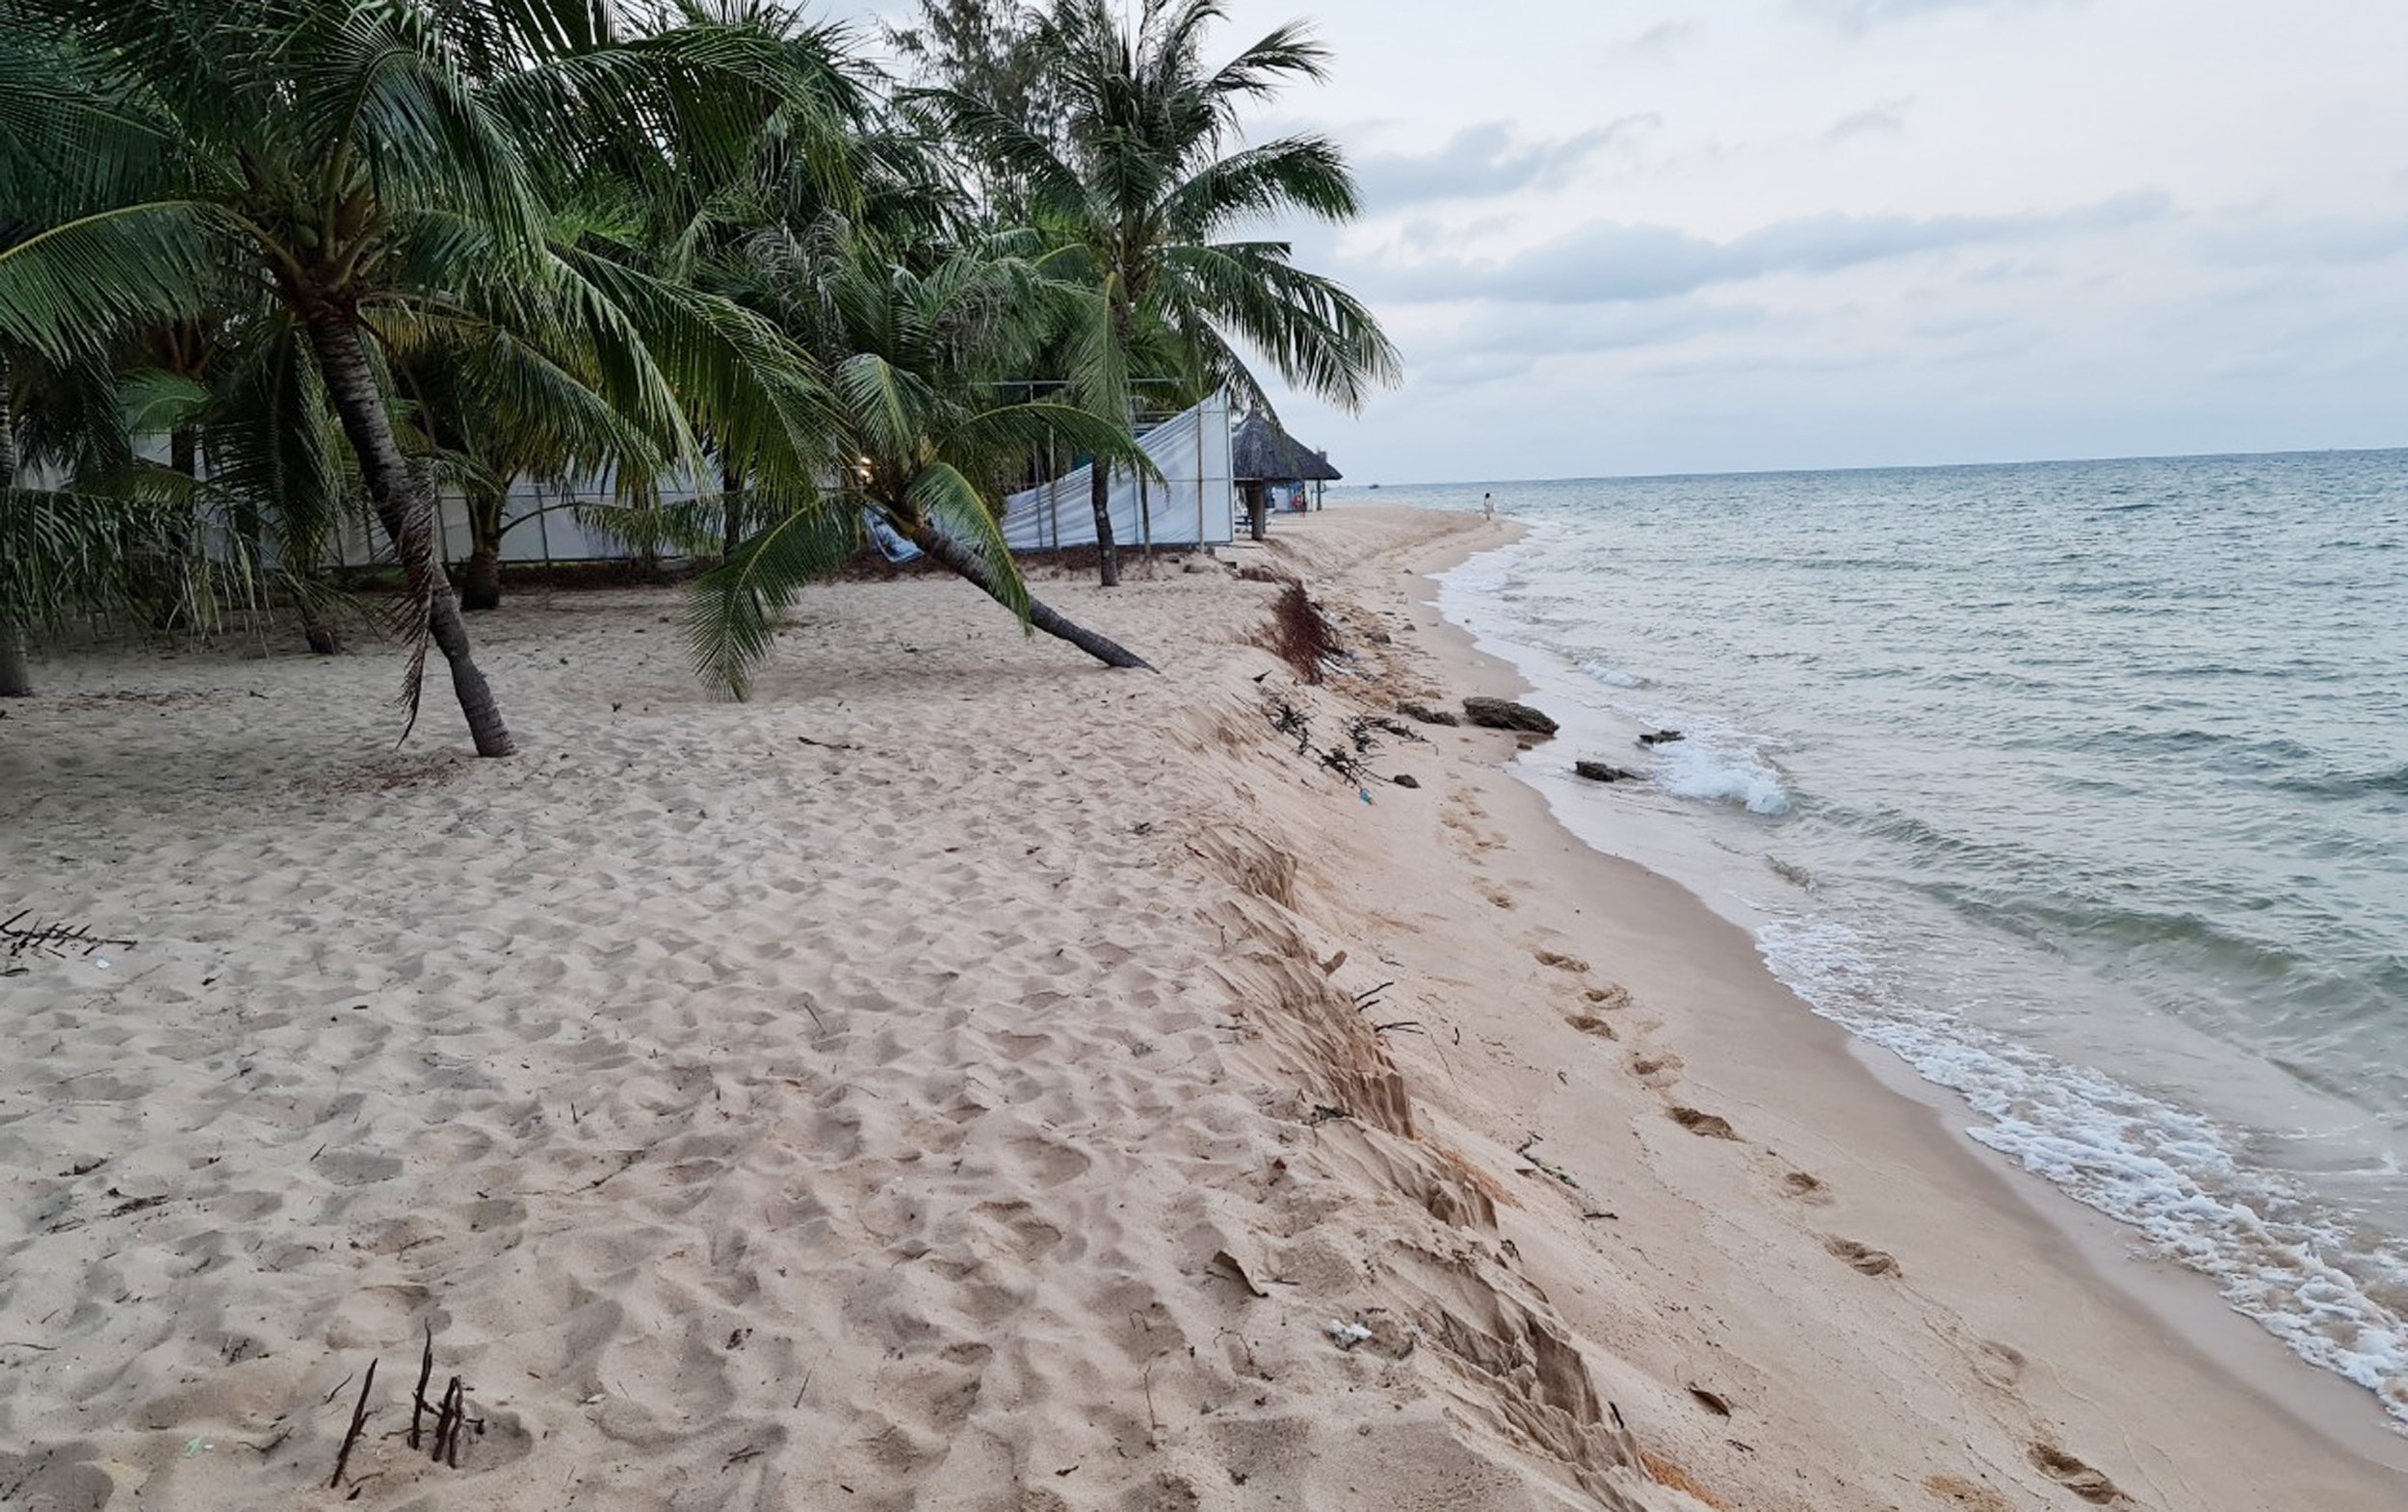 Phu Quoc mo cua don khach vao thang 10 anh 2  - phu_quoc_1 - Phú Quốc dự kiến đón du khách vào tháng 10